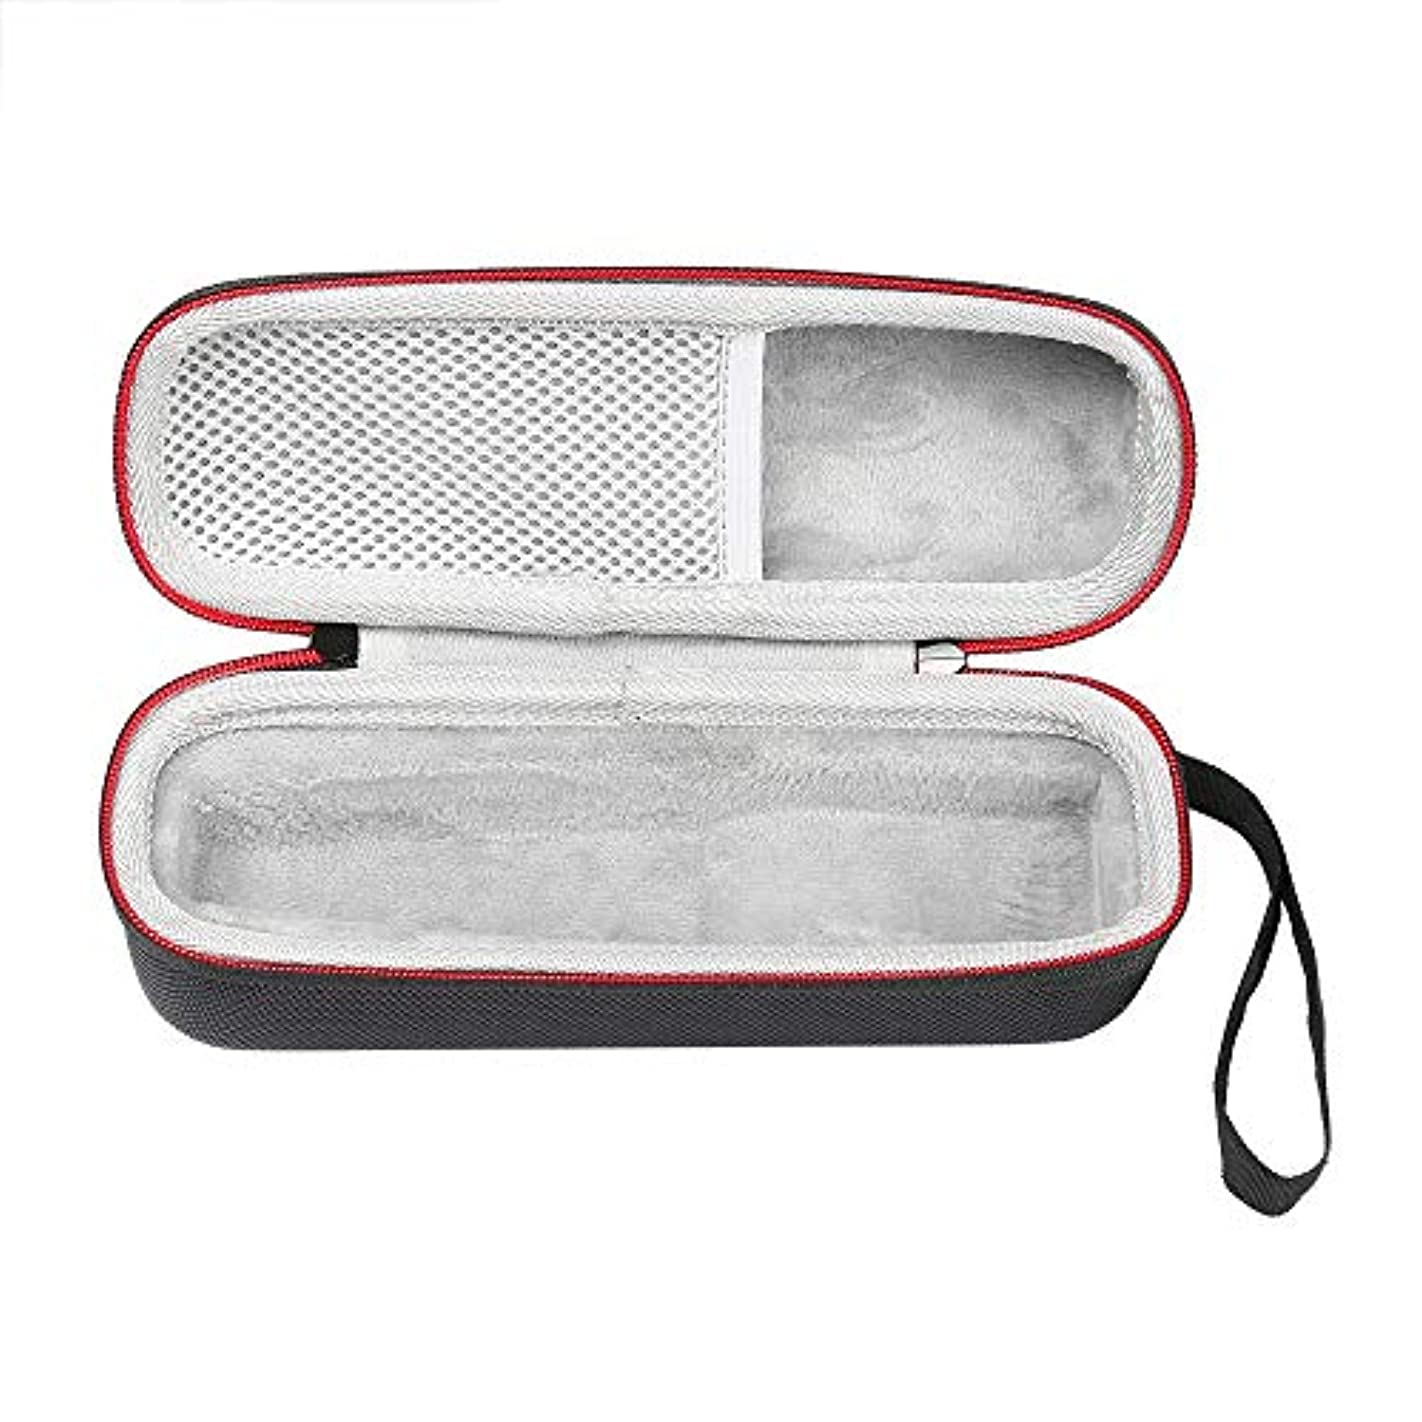 静かに硬いミリメーターフィリップスPhilips 5000 7000 9000シリーズ メンズ 電気シェーバーハードケースバッグ 専用旅行収納 対応